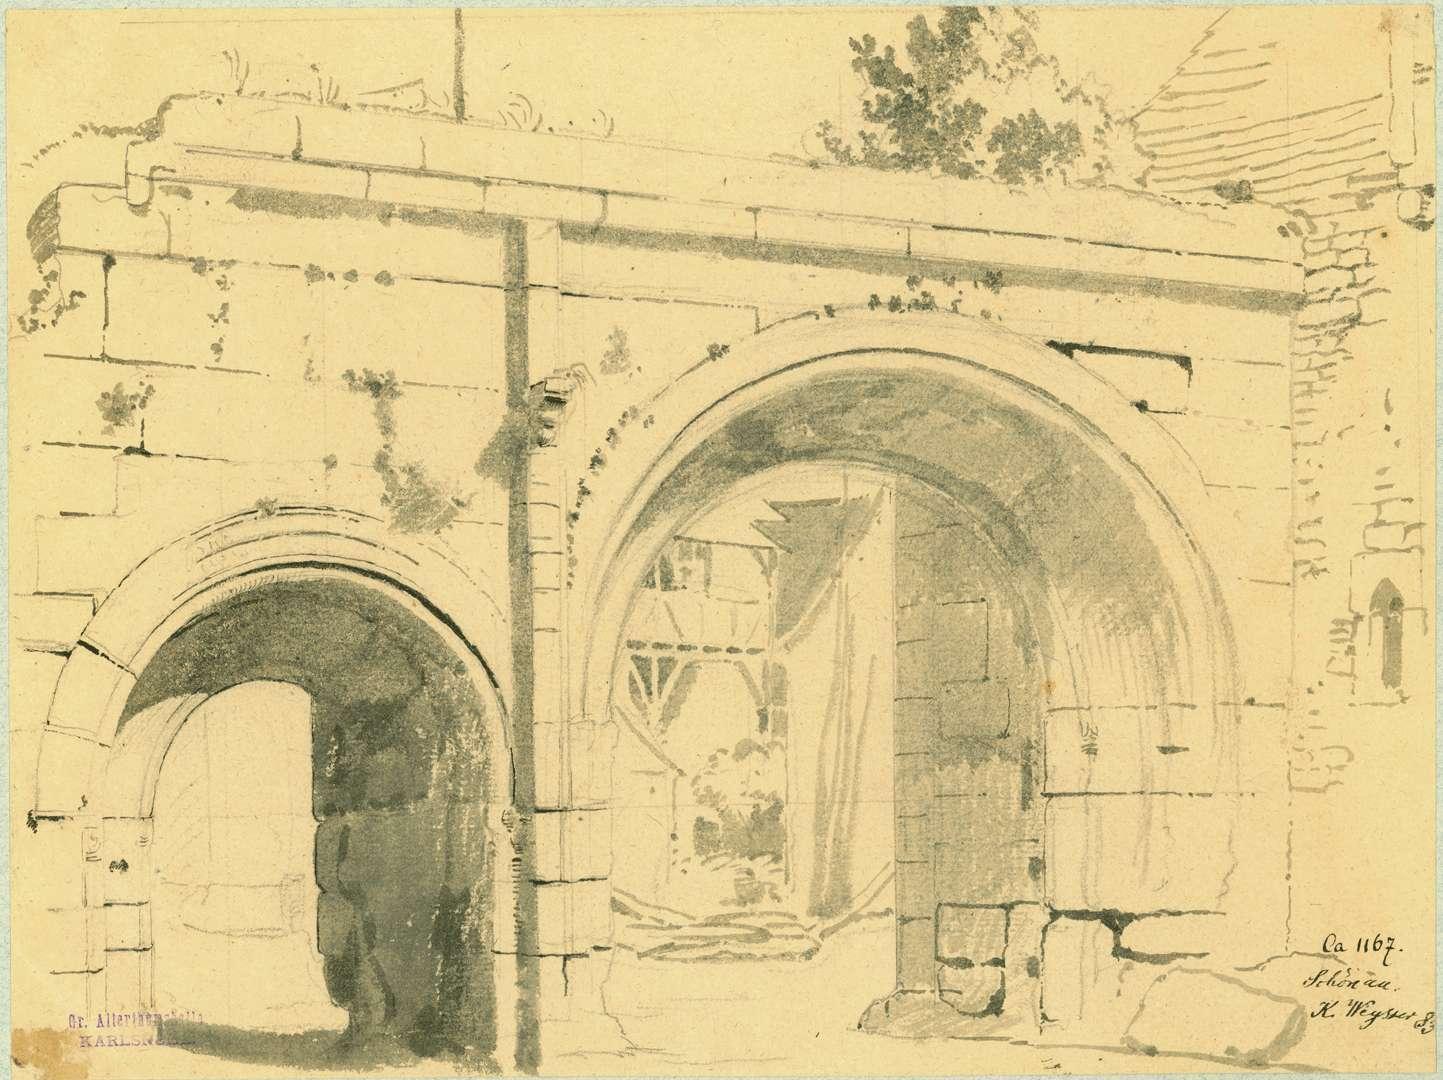 Schönau Feldseitige Ansicht Tor Zisterzienserkloster, Bild 1